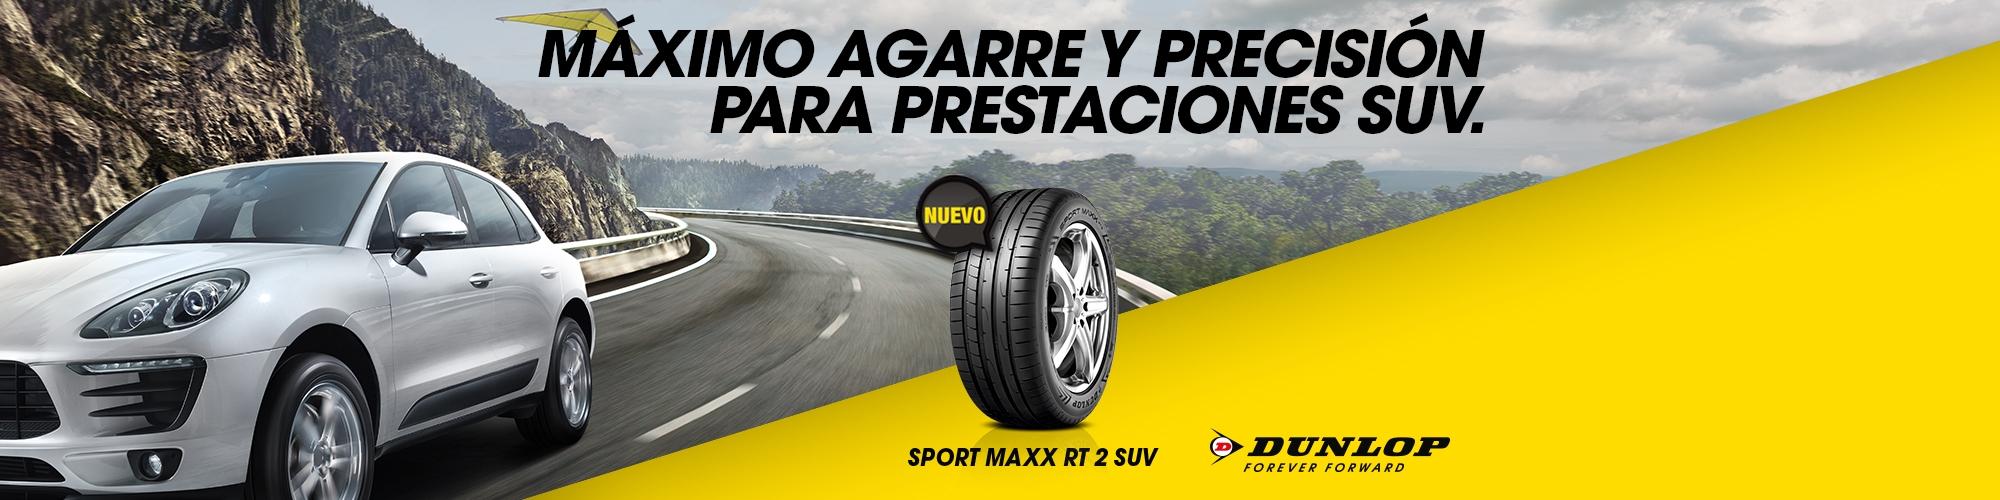 Dunlop Sport Maxx RT 2 SUV